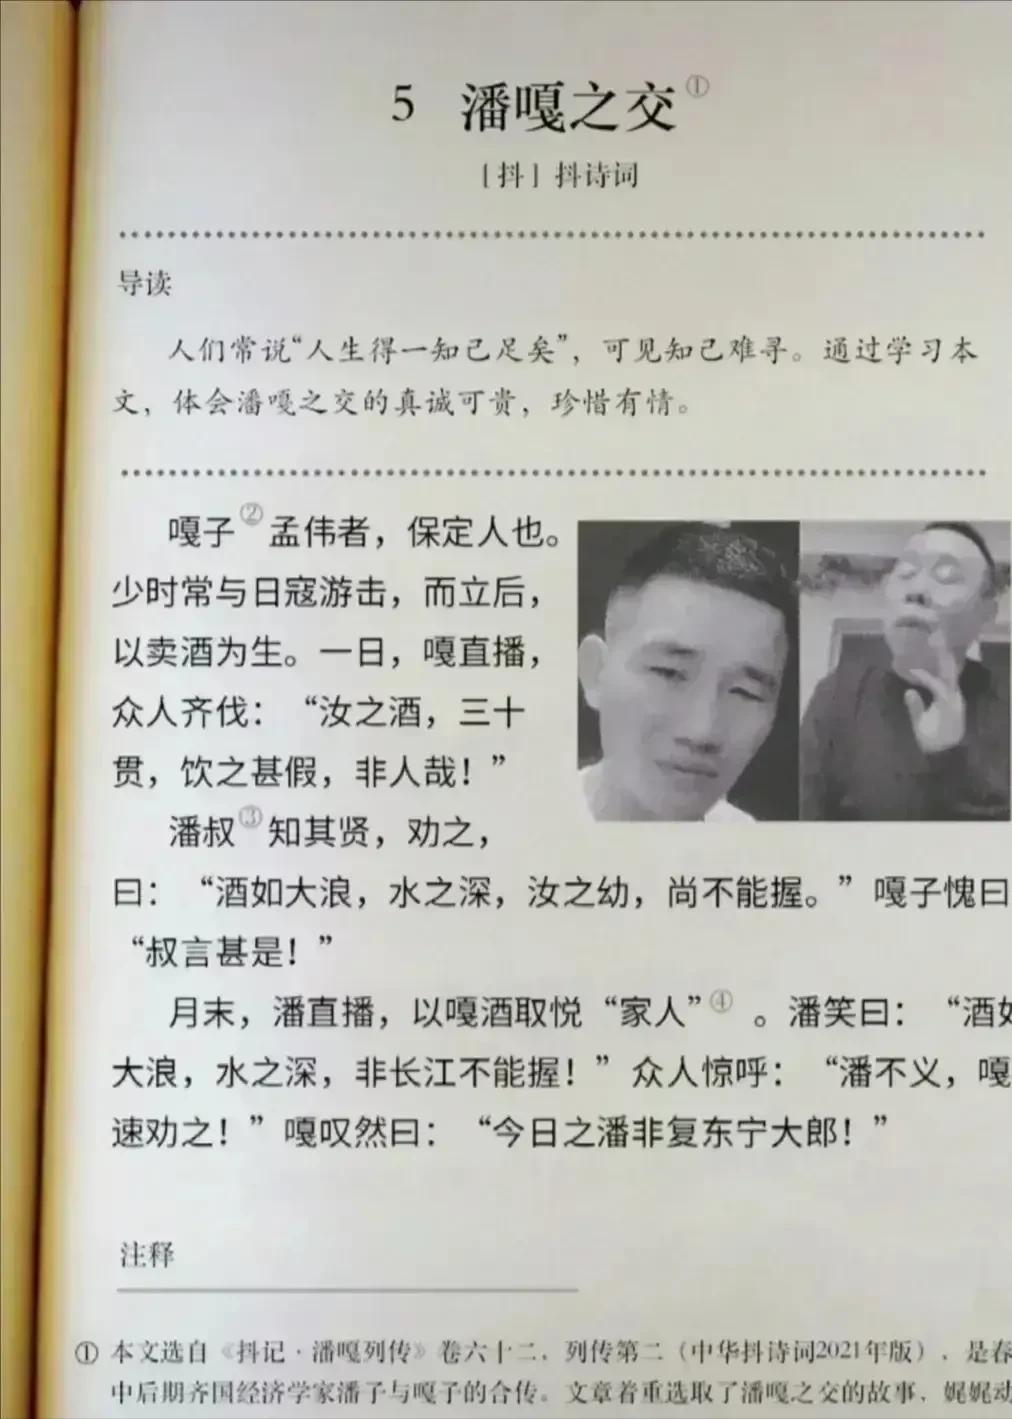 """潘长江被比他小的谢孟伟直呼""""潘子"""",潘长江尴尬吗? 软件教程 第3张"""